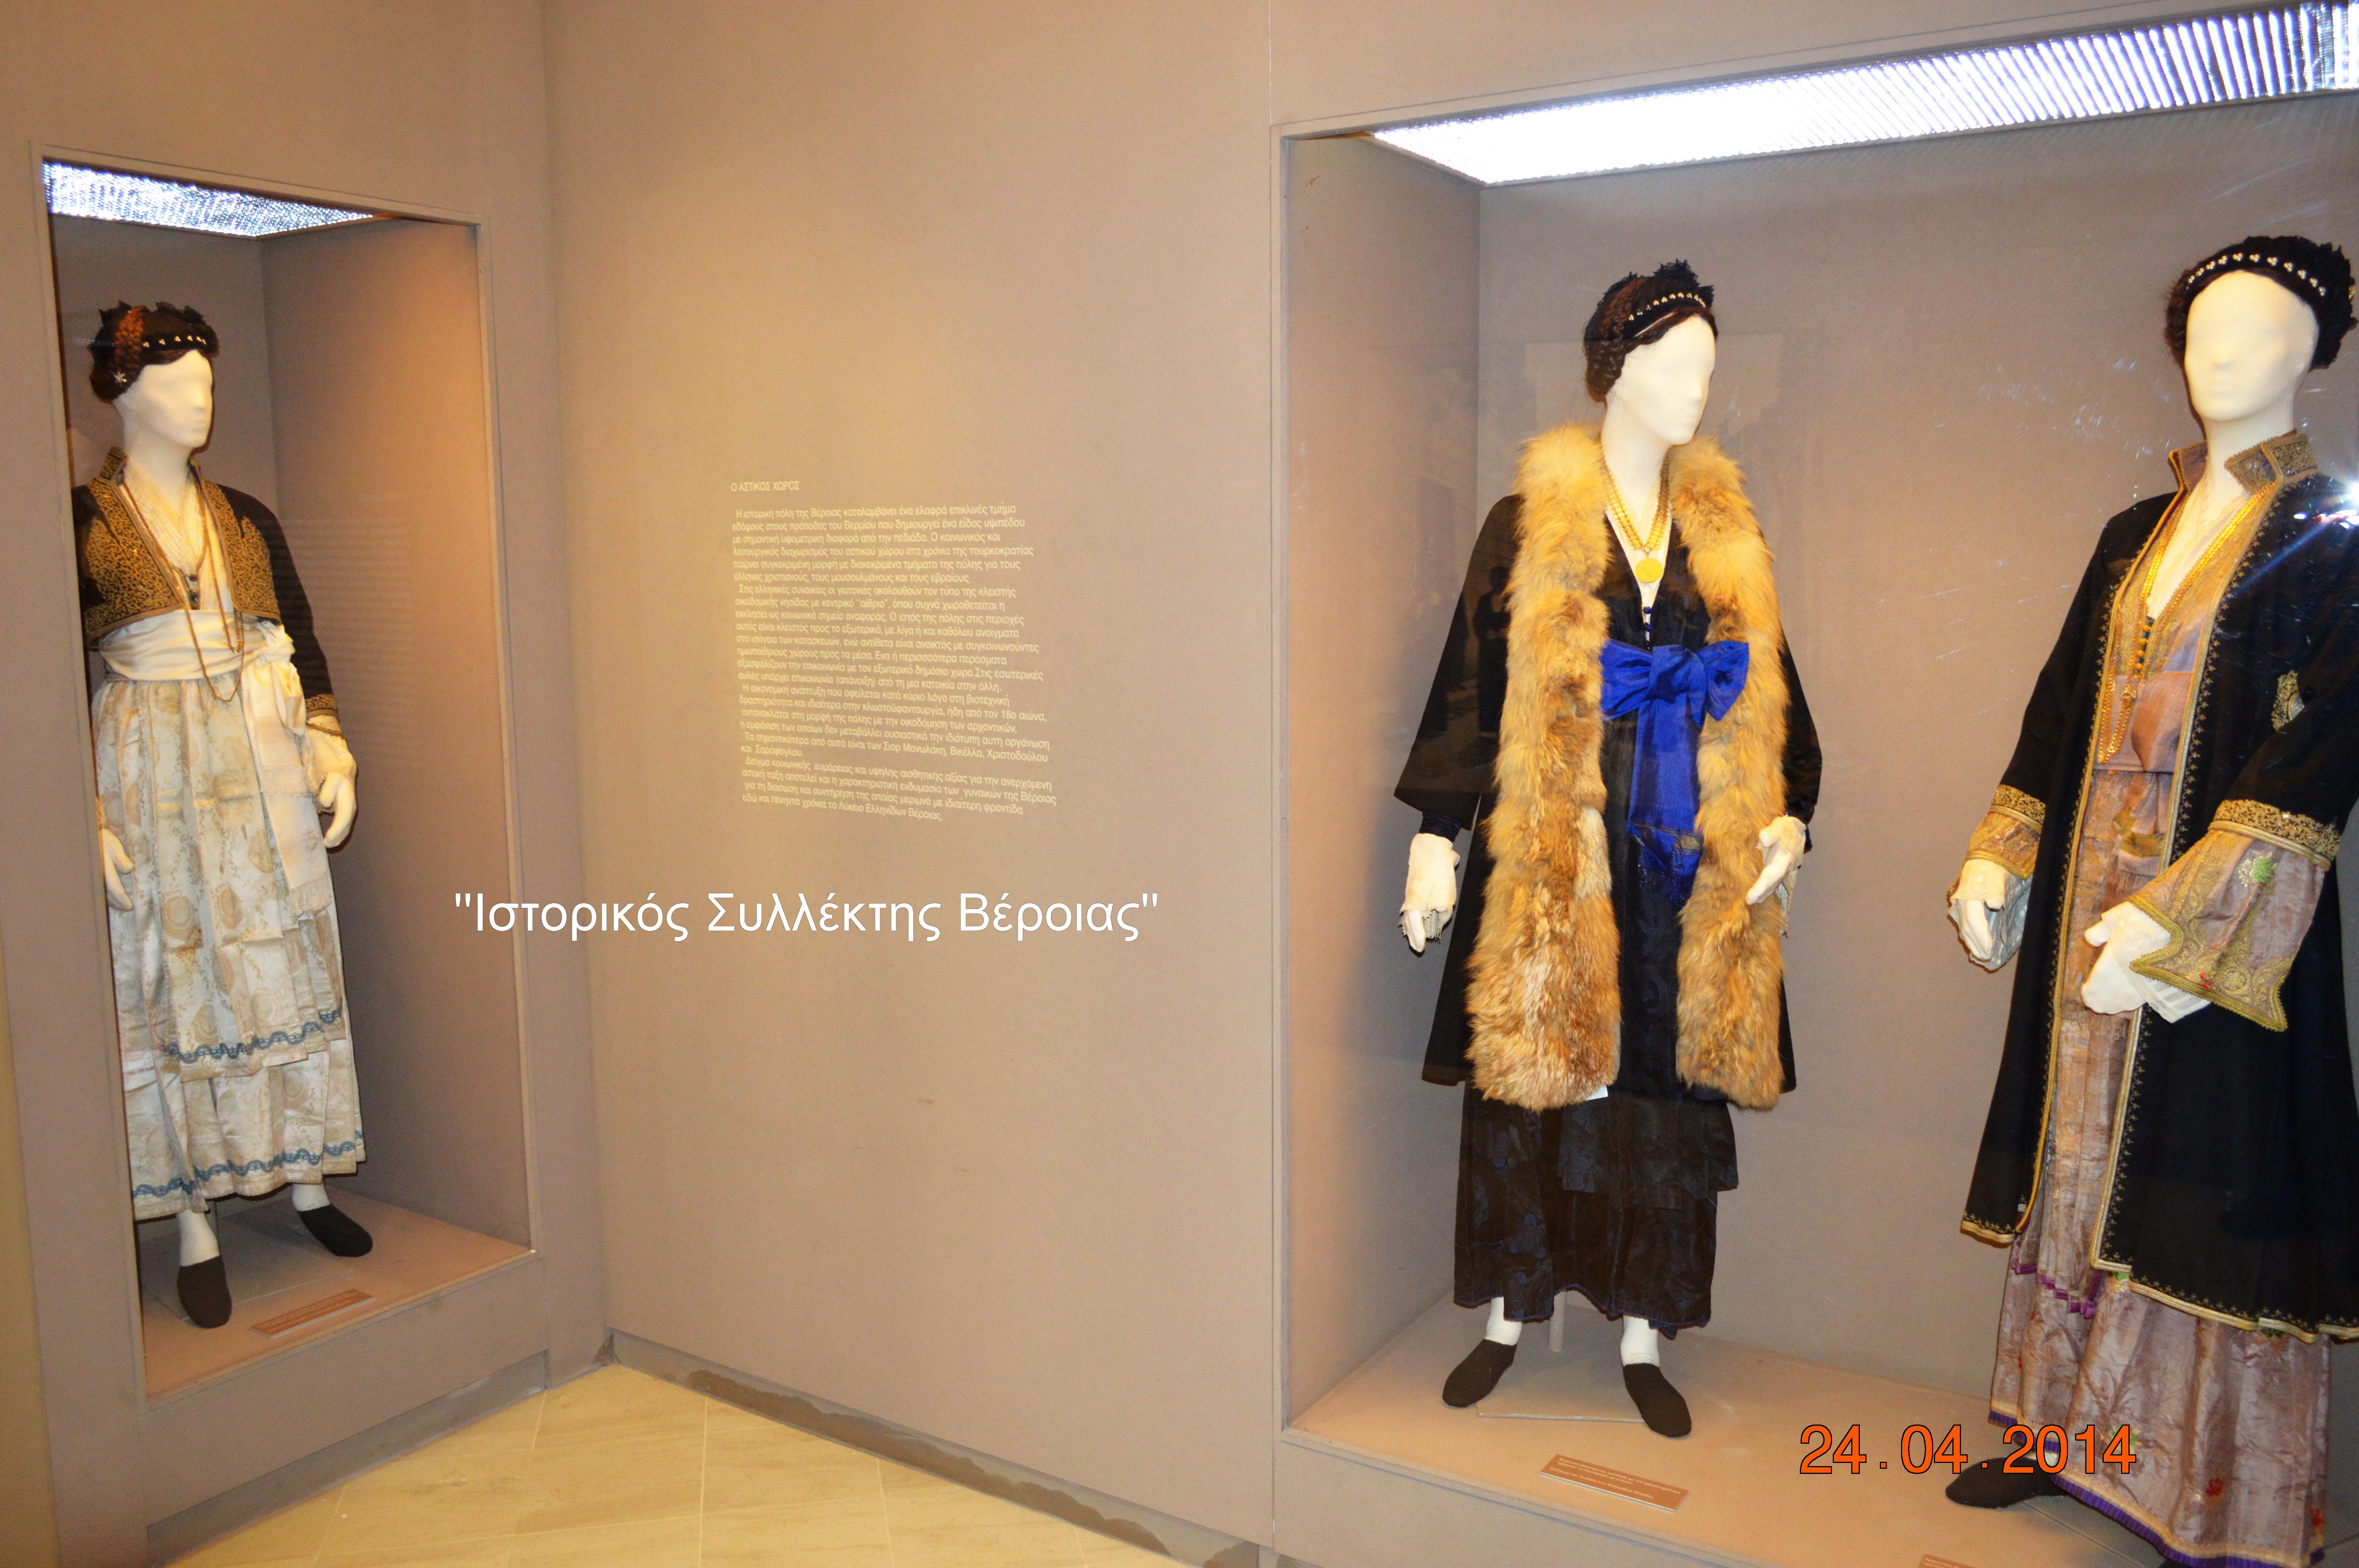 παραδοσιακές φορεσιές που έφεραν κατά το παρελθόν οι Βεροιώτισες